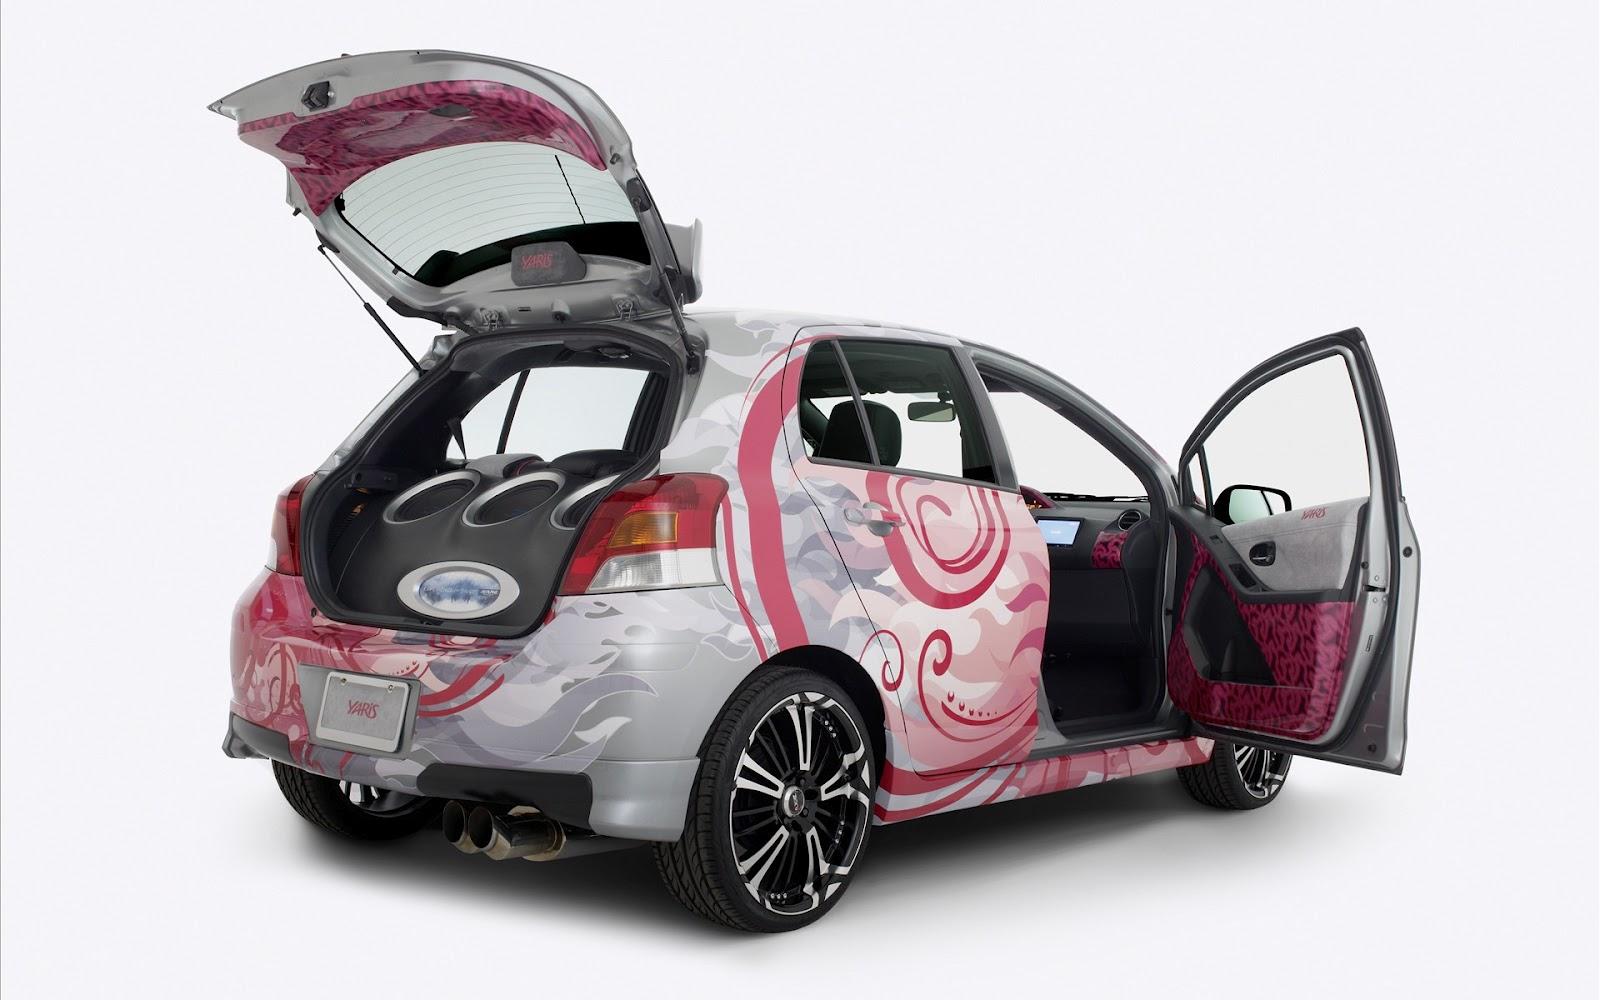 http://4.bp.blogspot.com/--nIoAbiioMY/T1hbLCM9nrI/AAAAAAAAAEY/zQQrgL7N3Hc/s1600/40+Cars+Wallpapers+%25281%2529.jpg